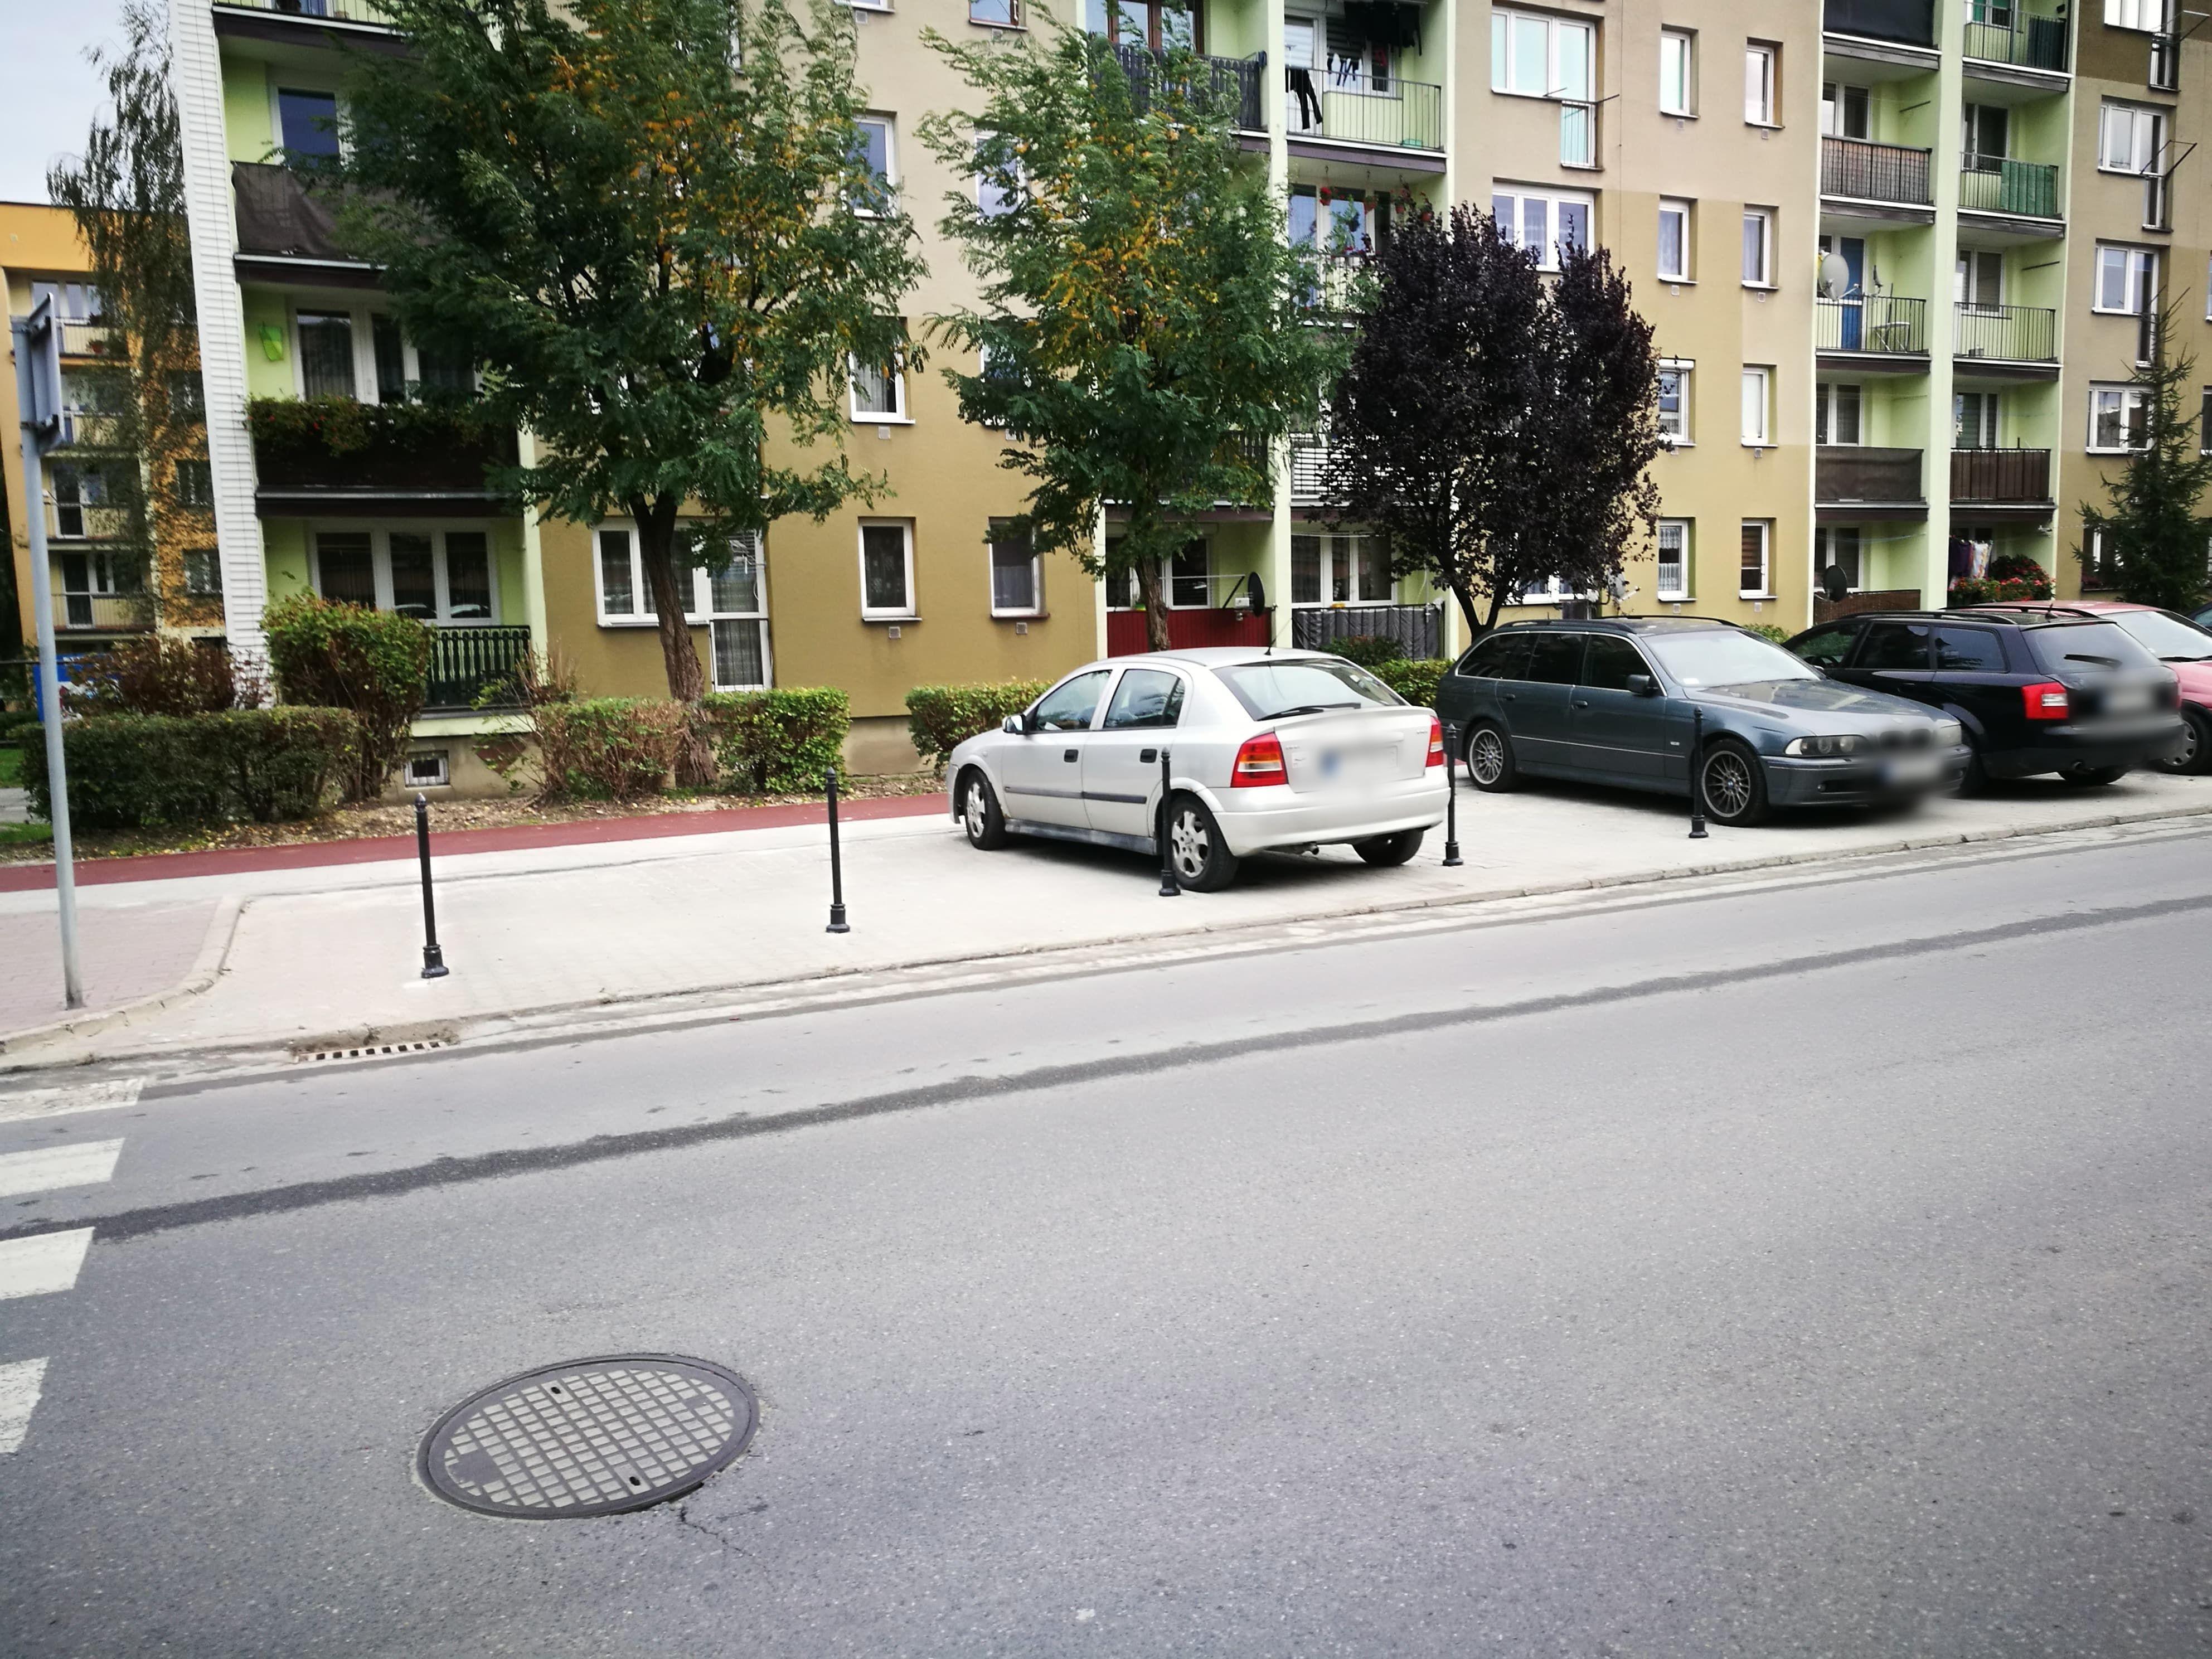 ZDJĘCIE DNIA. A kto powiedział, że nie można parkować?